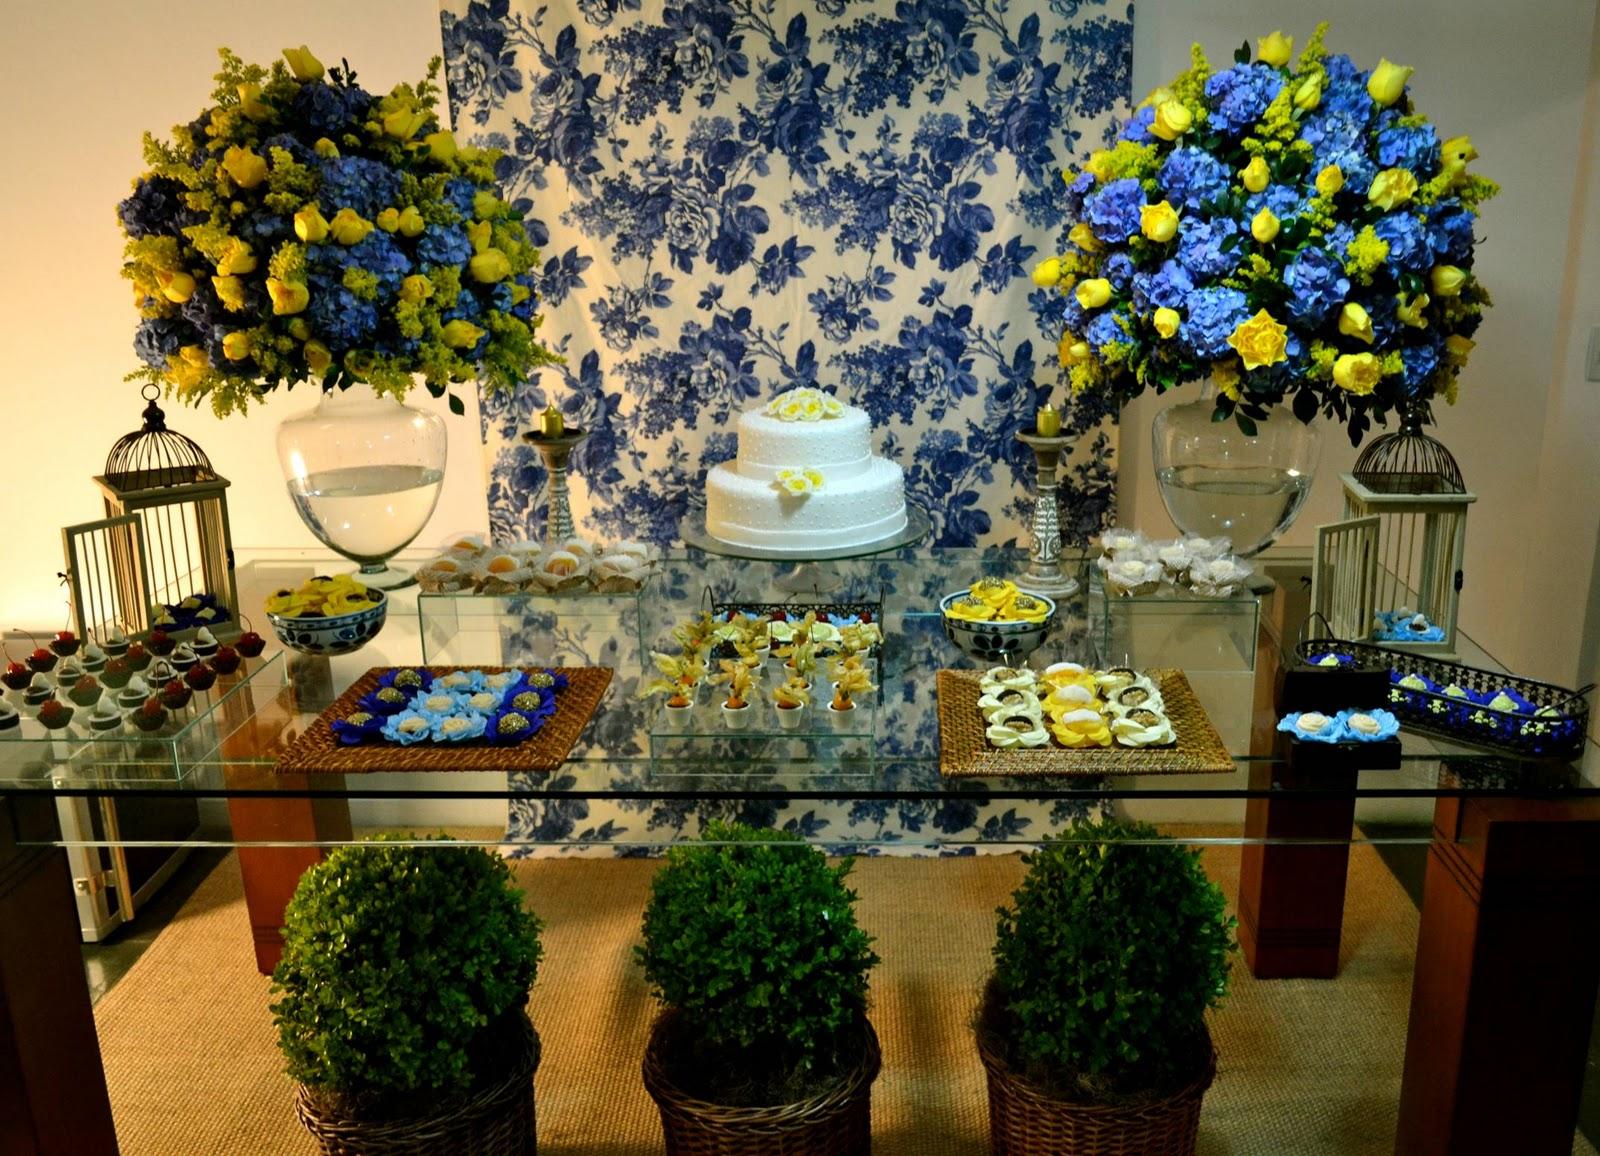 Há! Kell Eventos: Casamentos e festas azul e amarelo #664410 1600x1156 Banheiro Azul E Amarelo